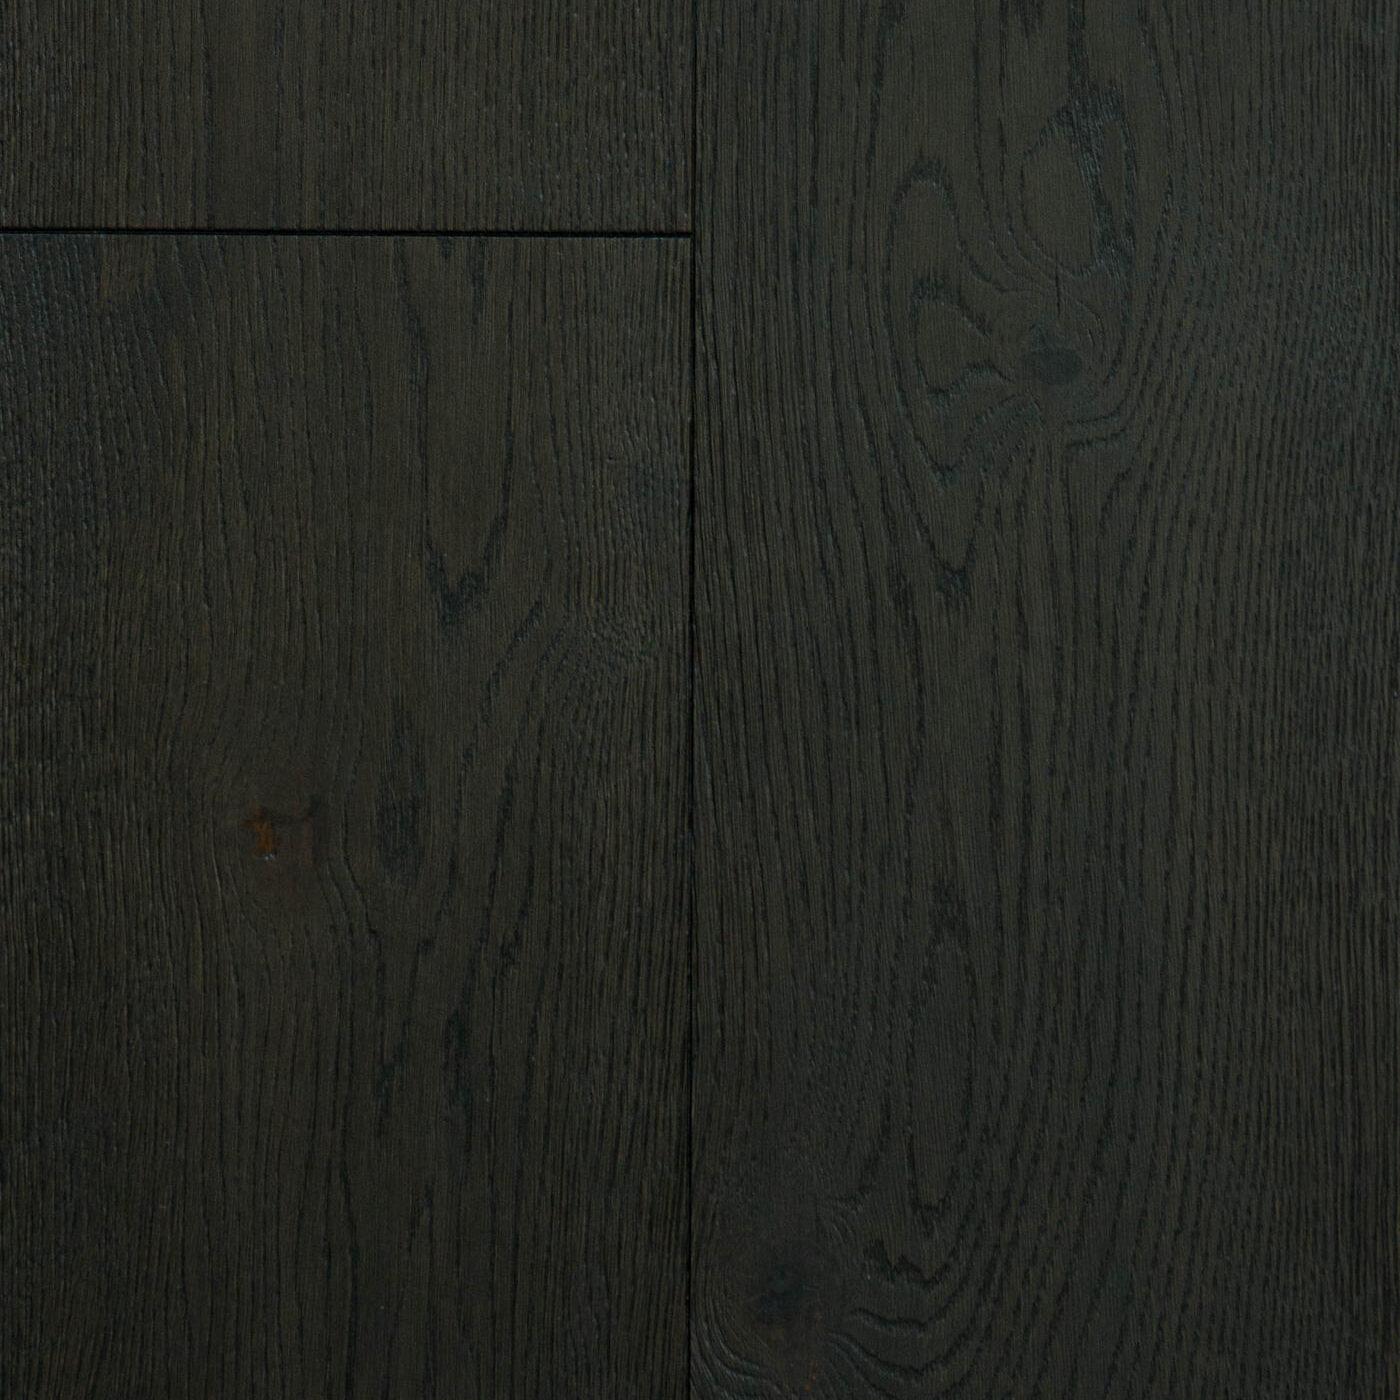 inzhenerna-doshka-arbofari-xxl-oak-charcoal